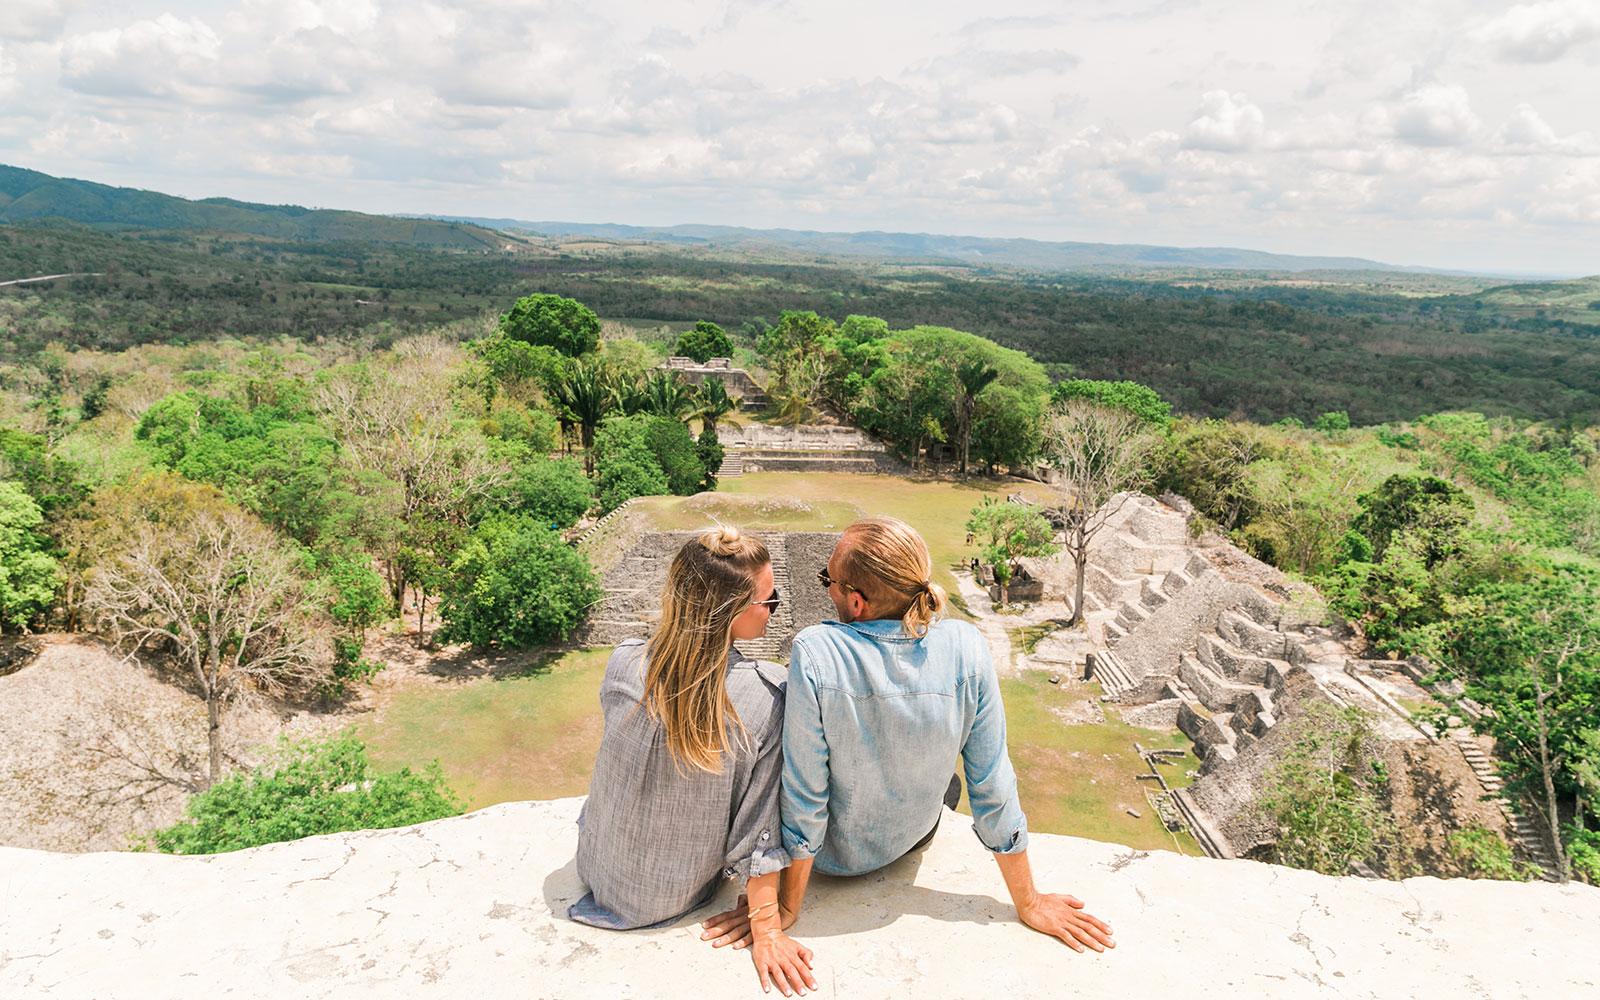 Belizean dating culture in australia